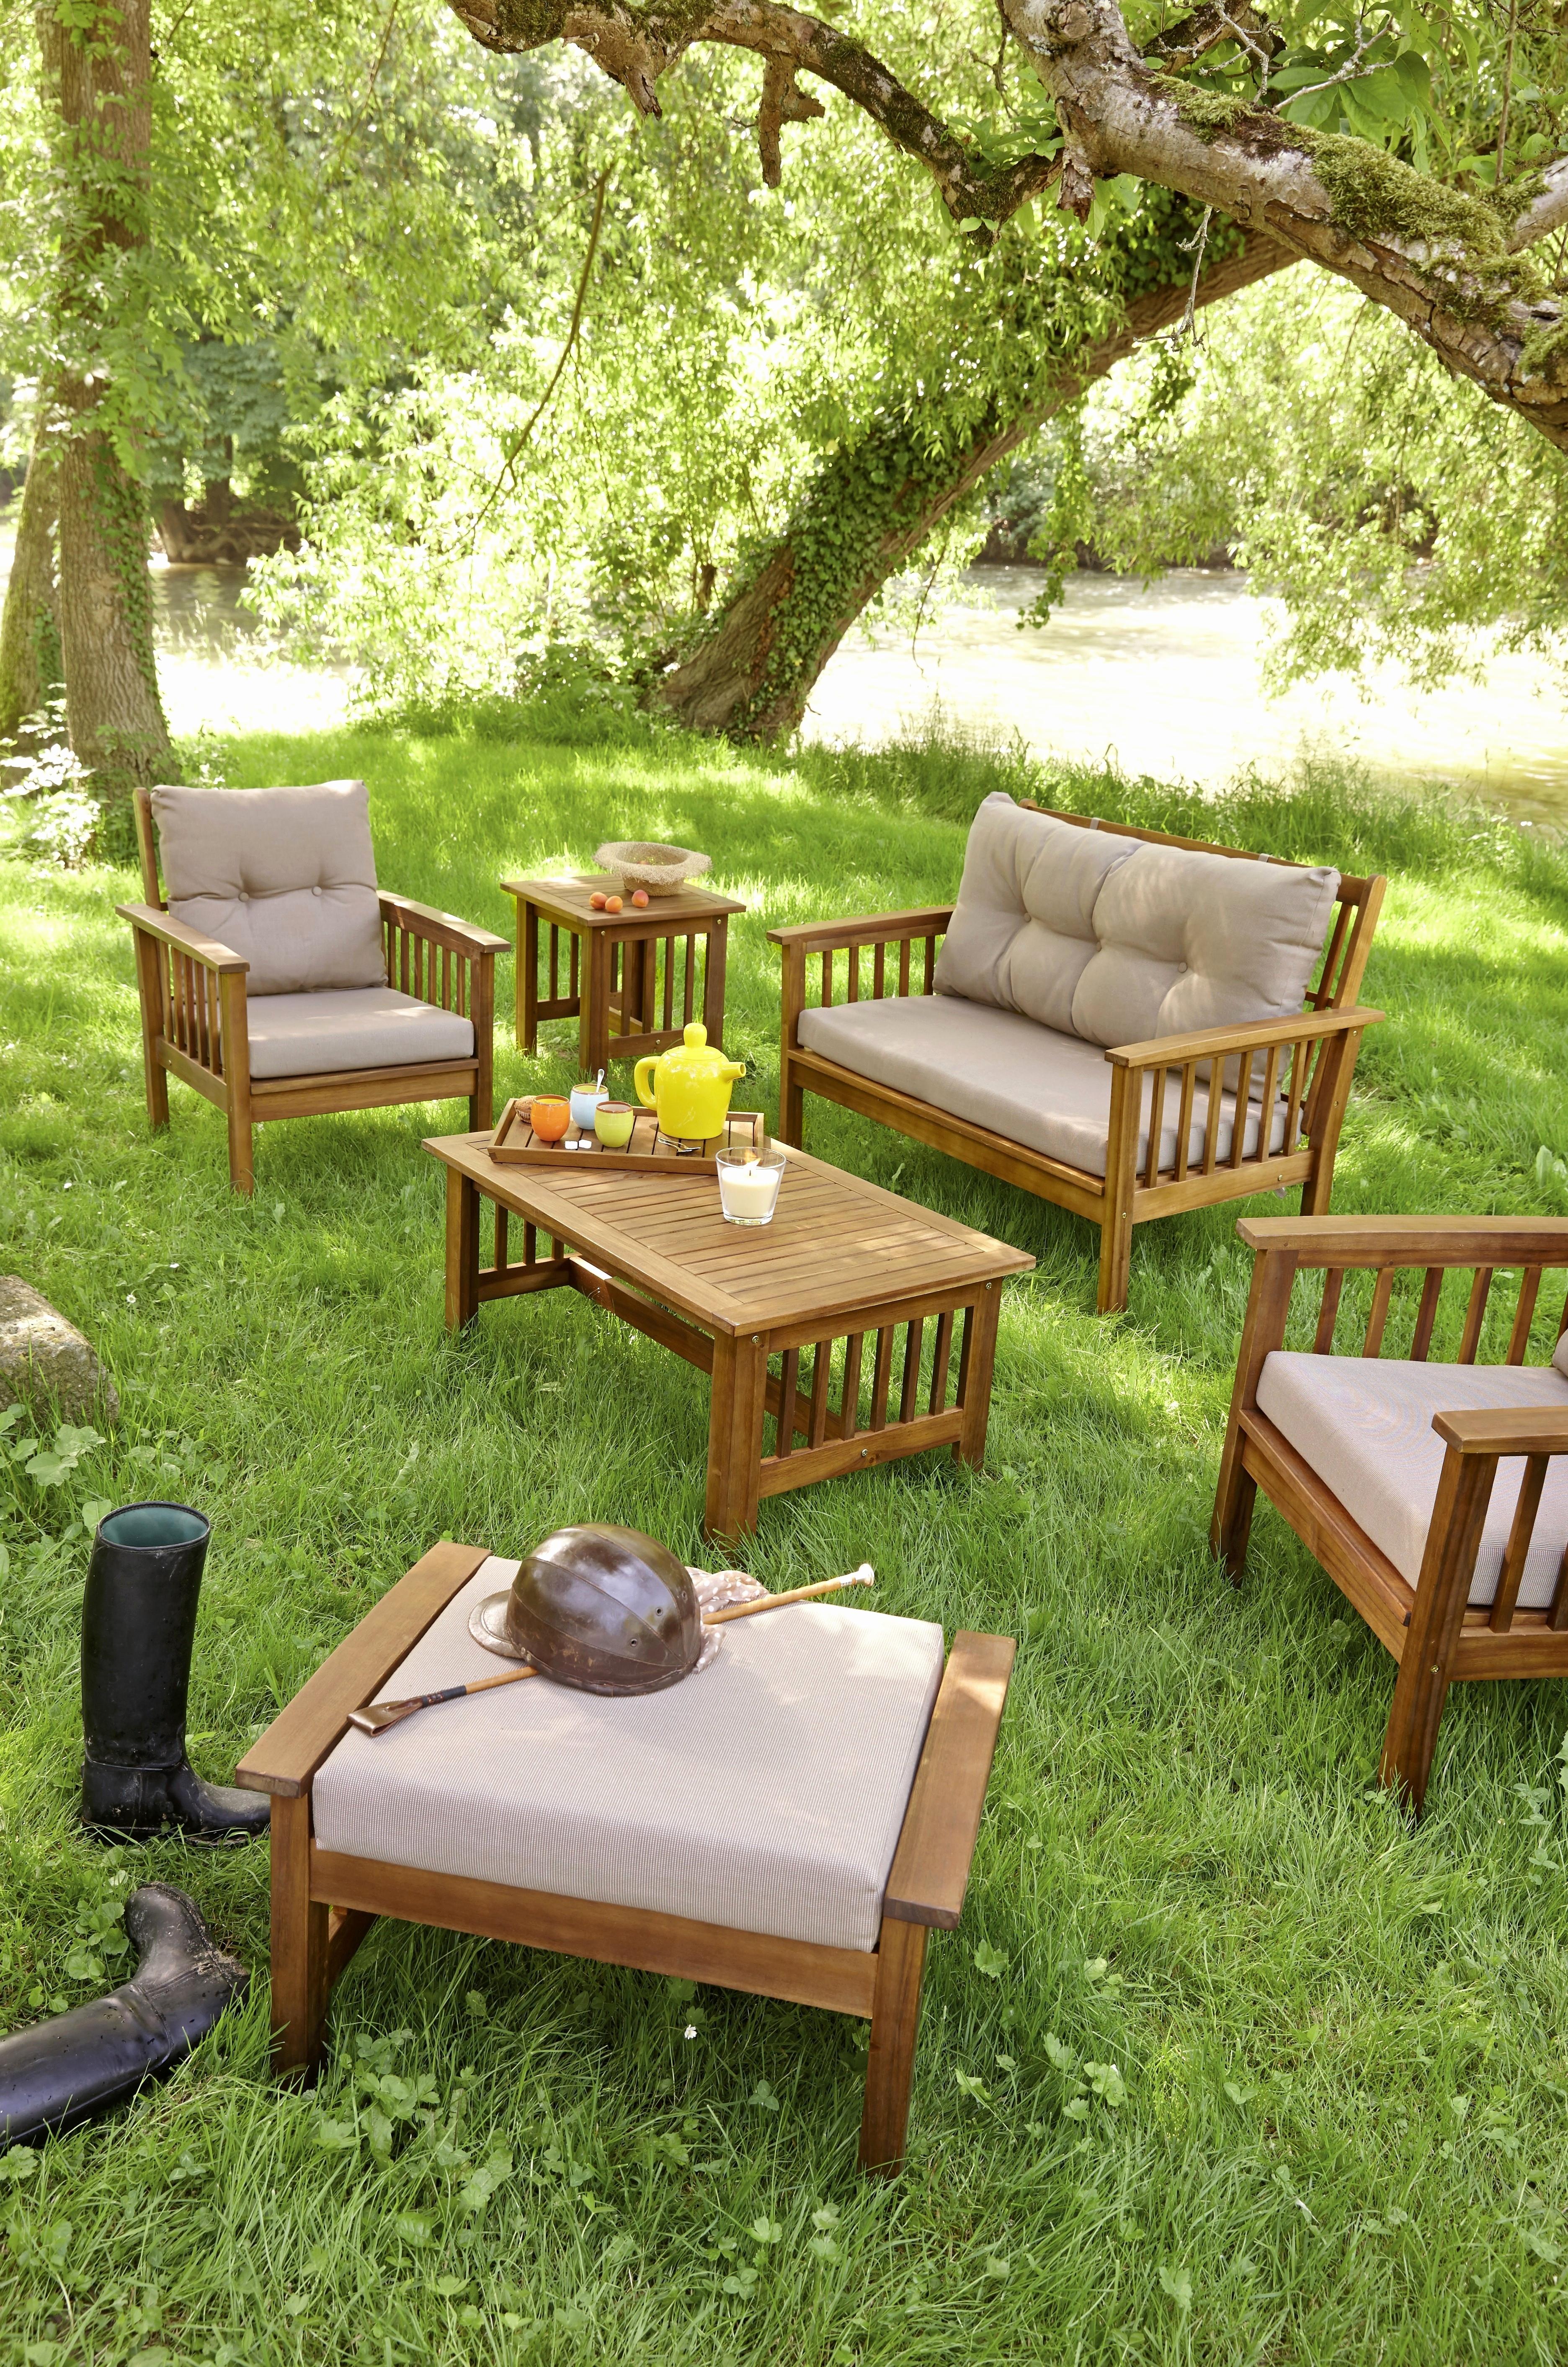 Banc De Jardin En Palette Élégant Photos Piscine En Palette Génial Table Jardin Teck Luxe Banc Bois Jardin